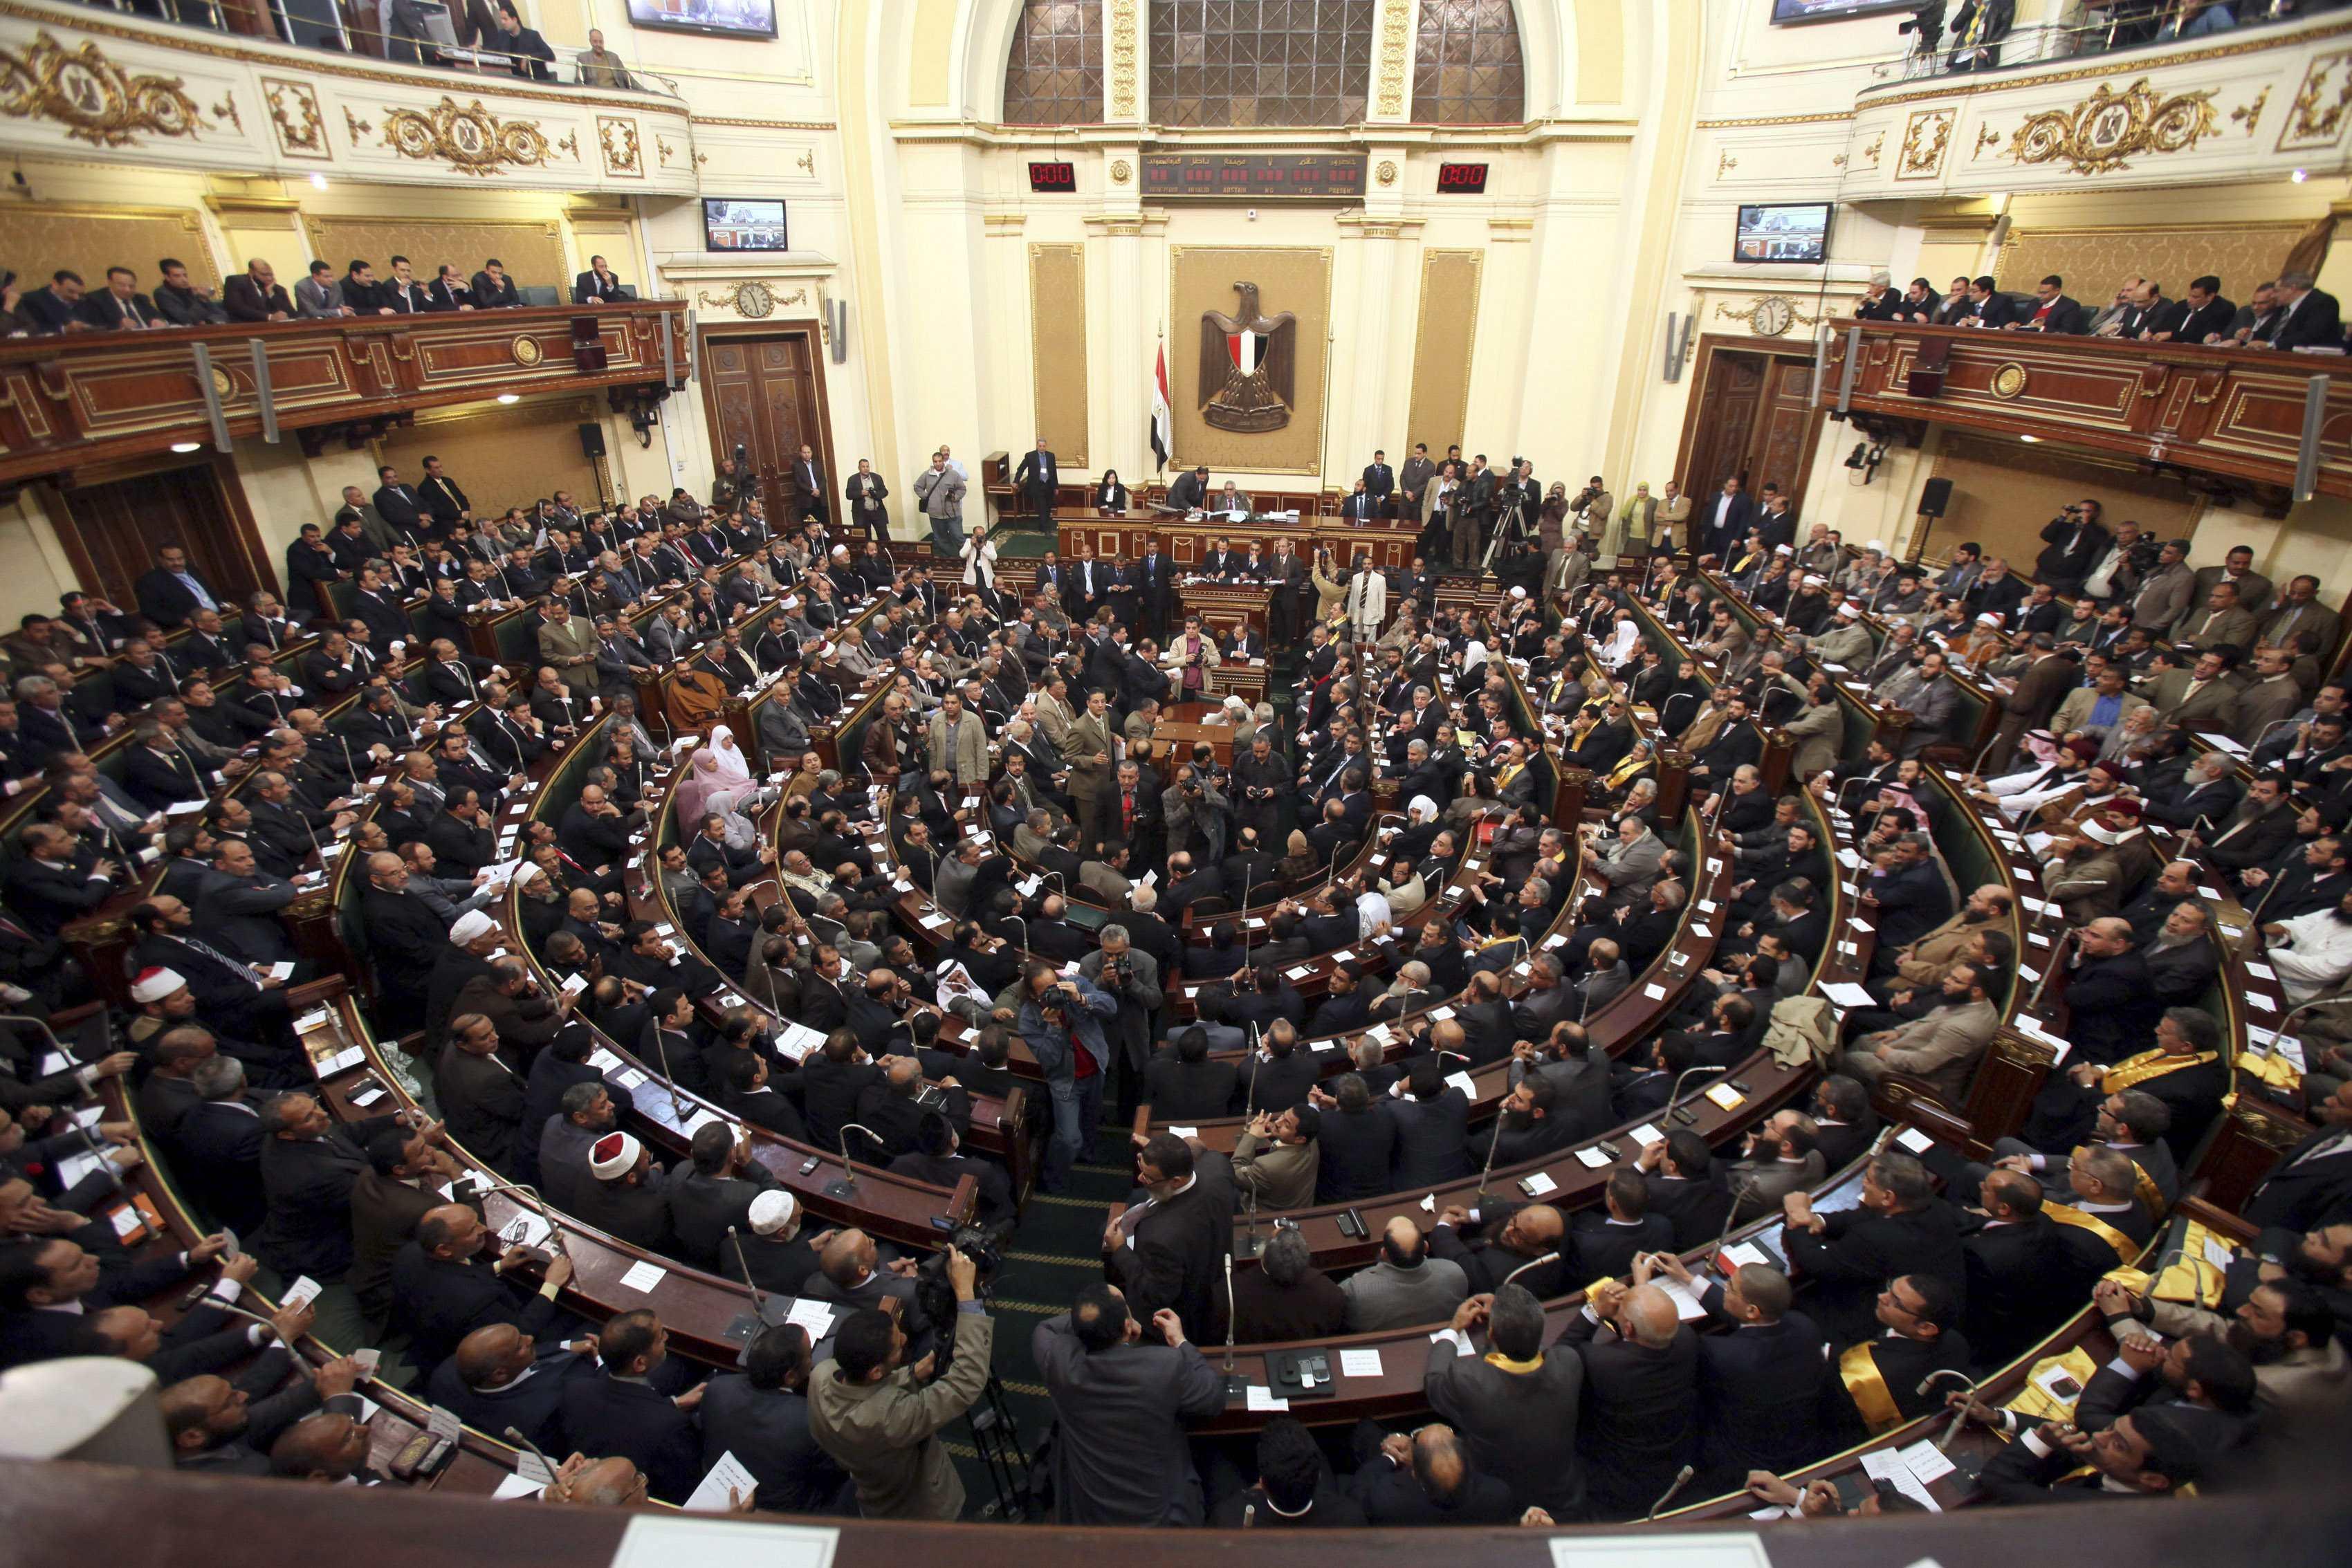 تقدم 4 مرشحين لرئاسة مجلس النواب .. «جبالي» في المقدمة